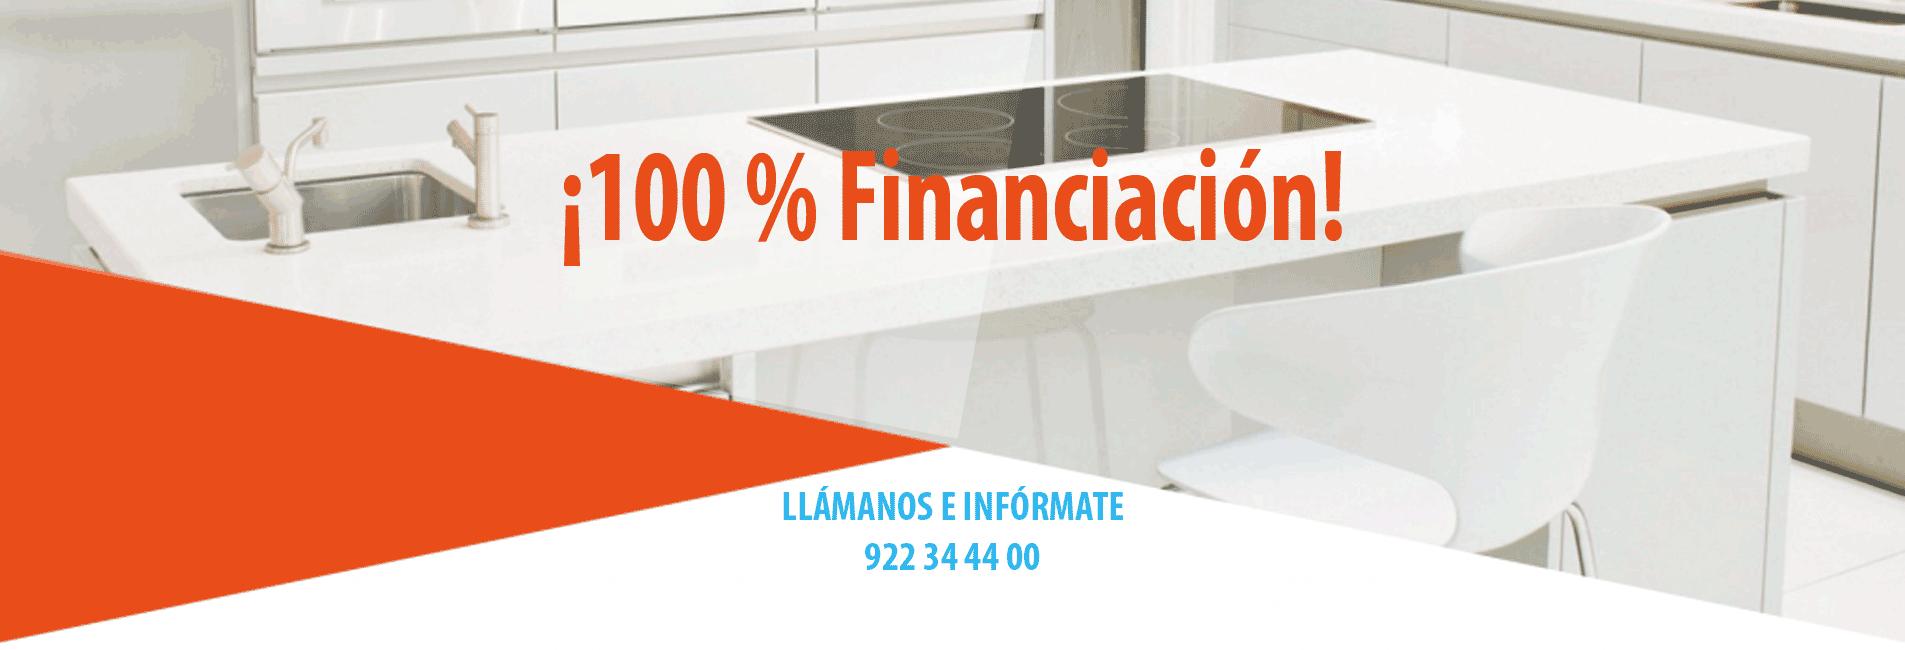 ¡Financiación 100!